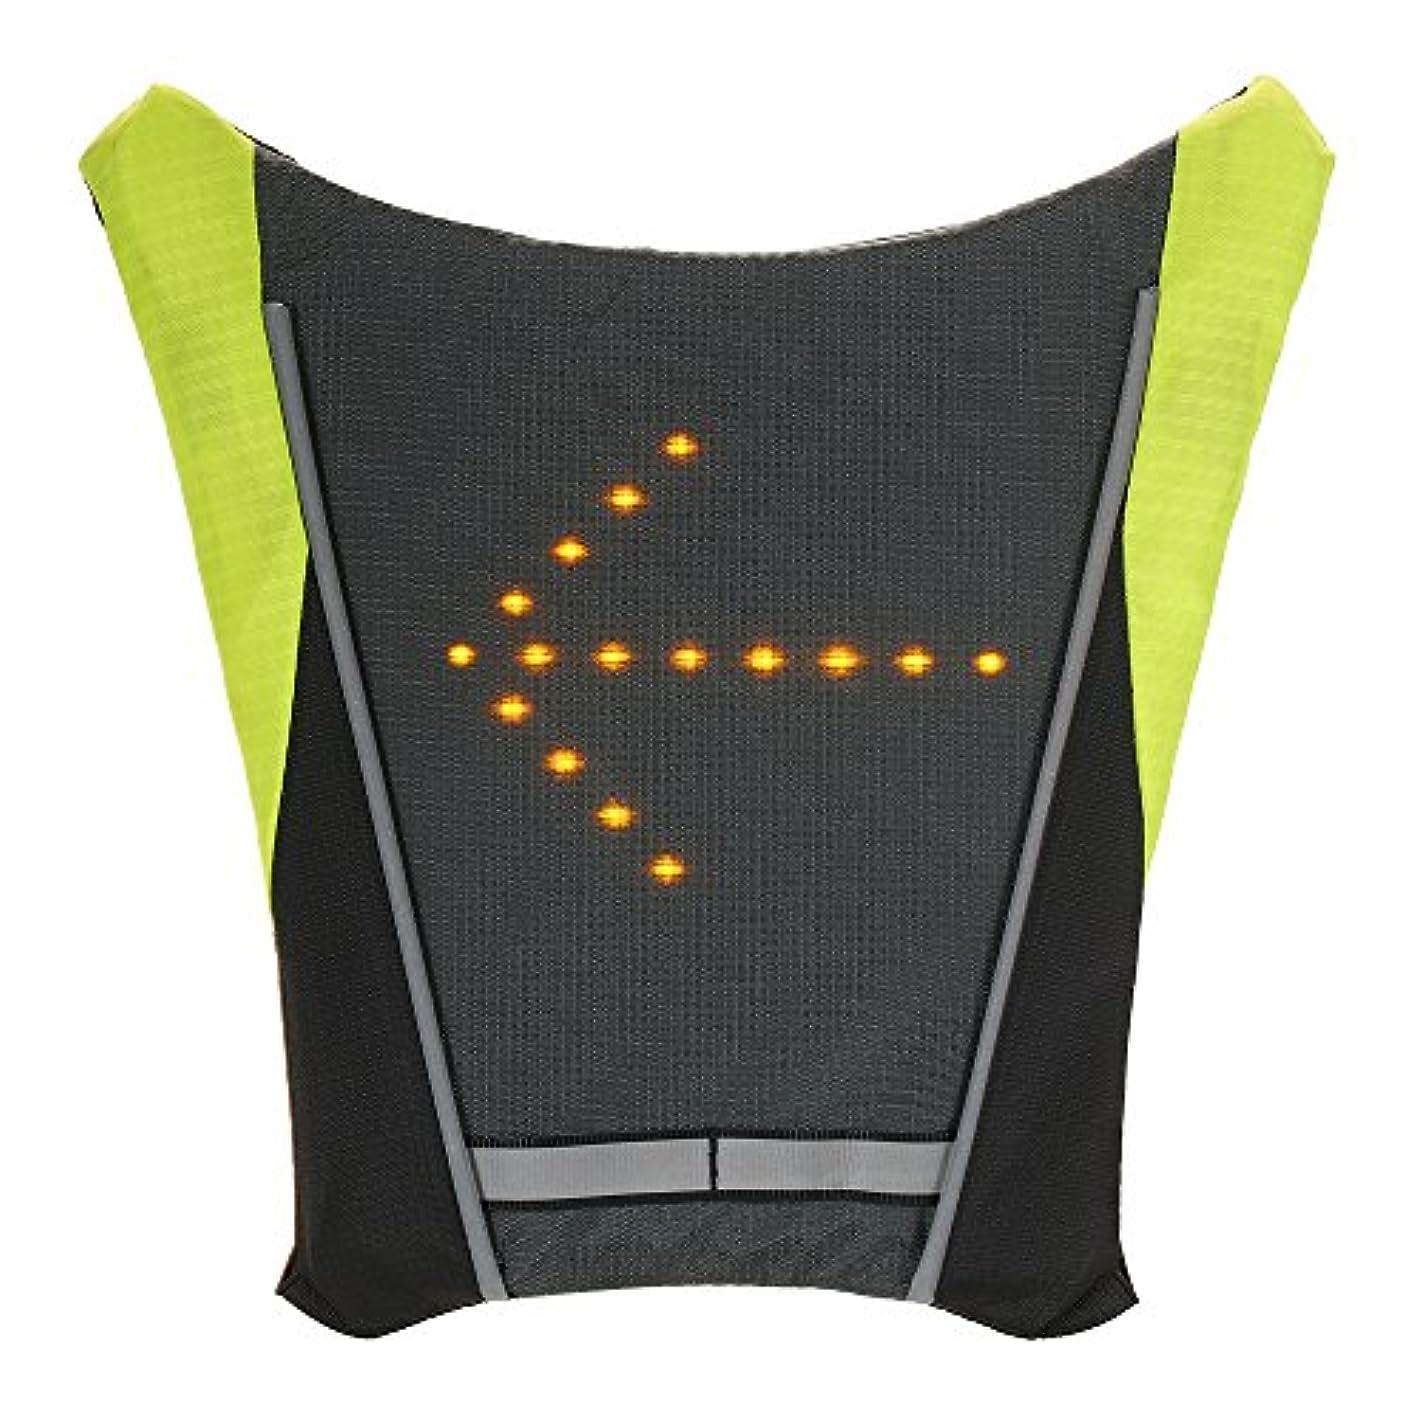 実際穏やかな慣習LixadaワイヤレスTurn信号LEDライトベストUSBの充電式反射Guidingライト安全警告夜間のサイクリングランニングウォーキングハイキングバックパックビジネス旅行スクールバッグ